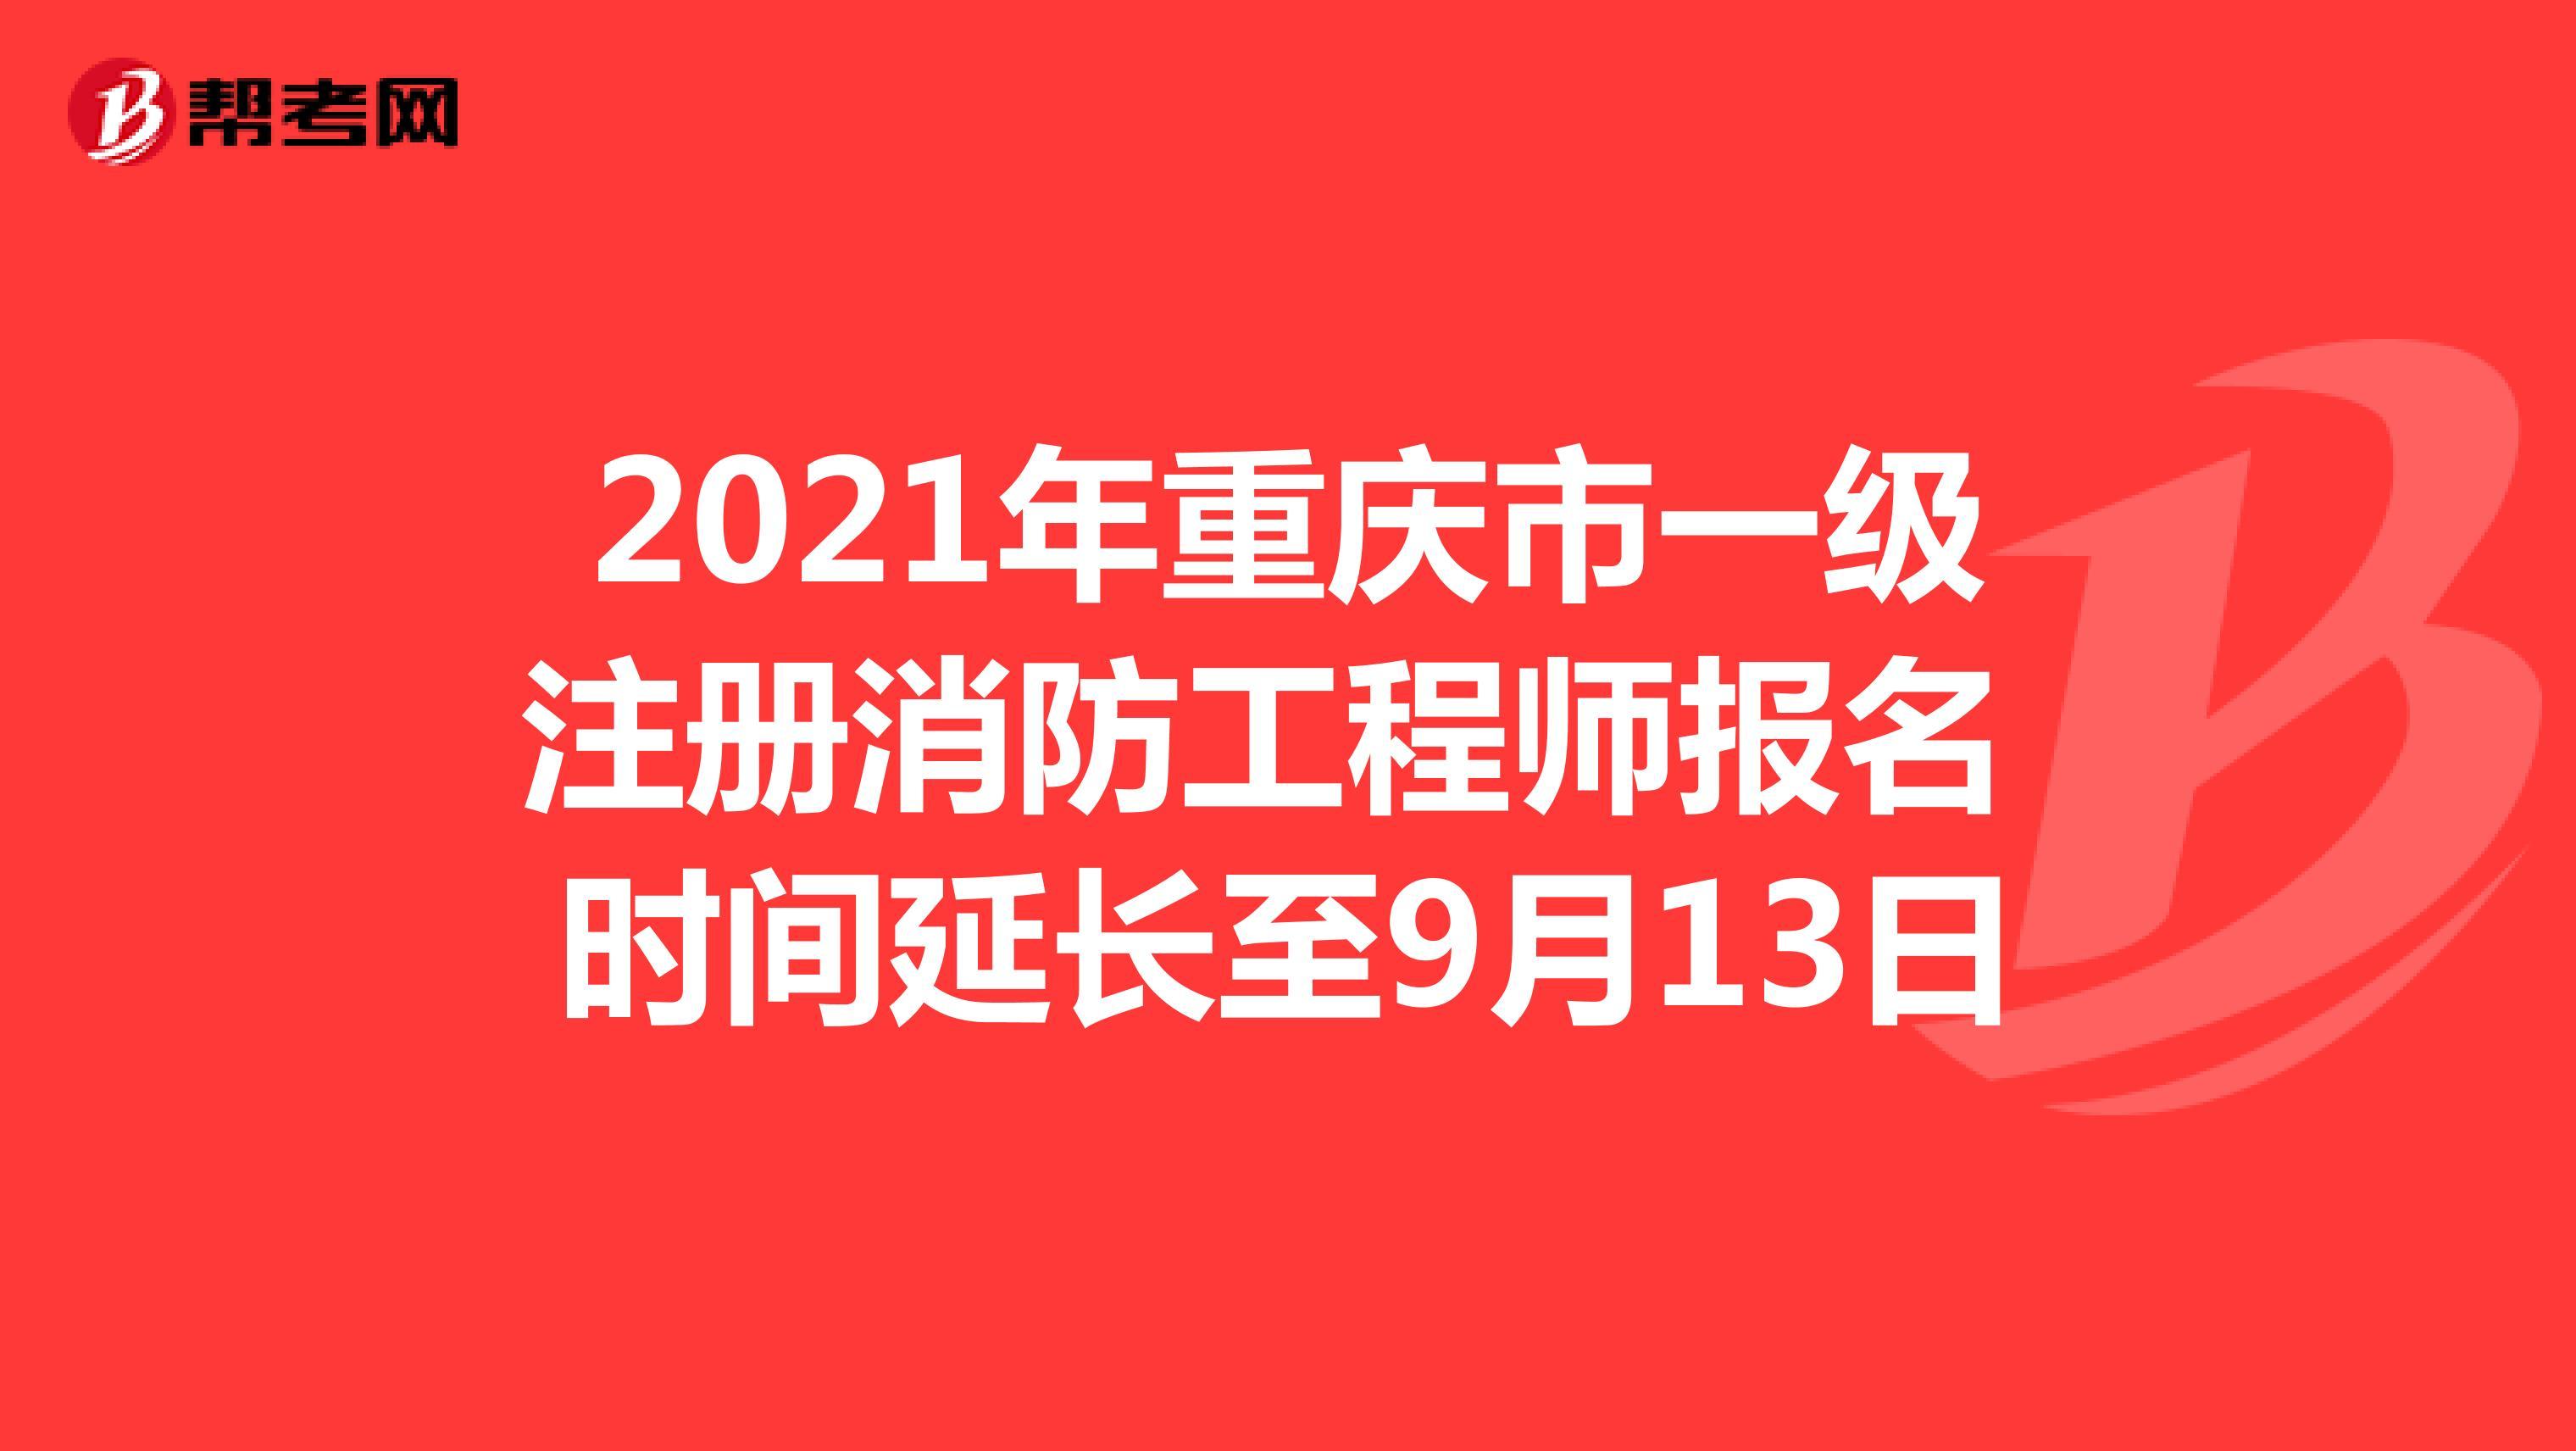 2021年重庆市一级注册消防工程师报名时间延长至9月13日